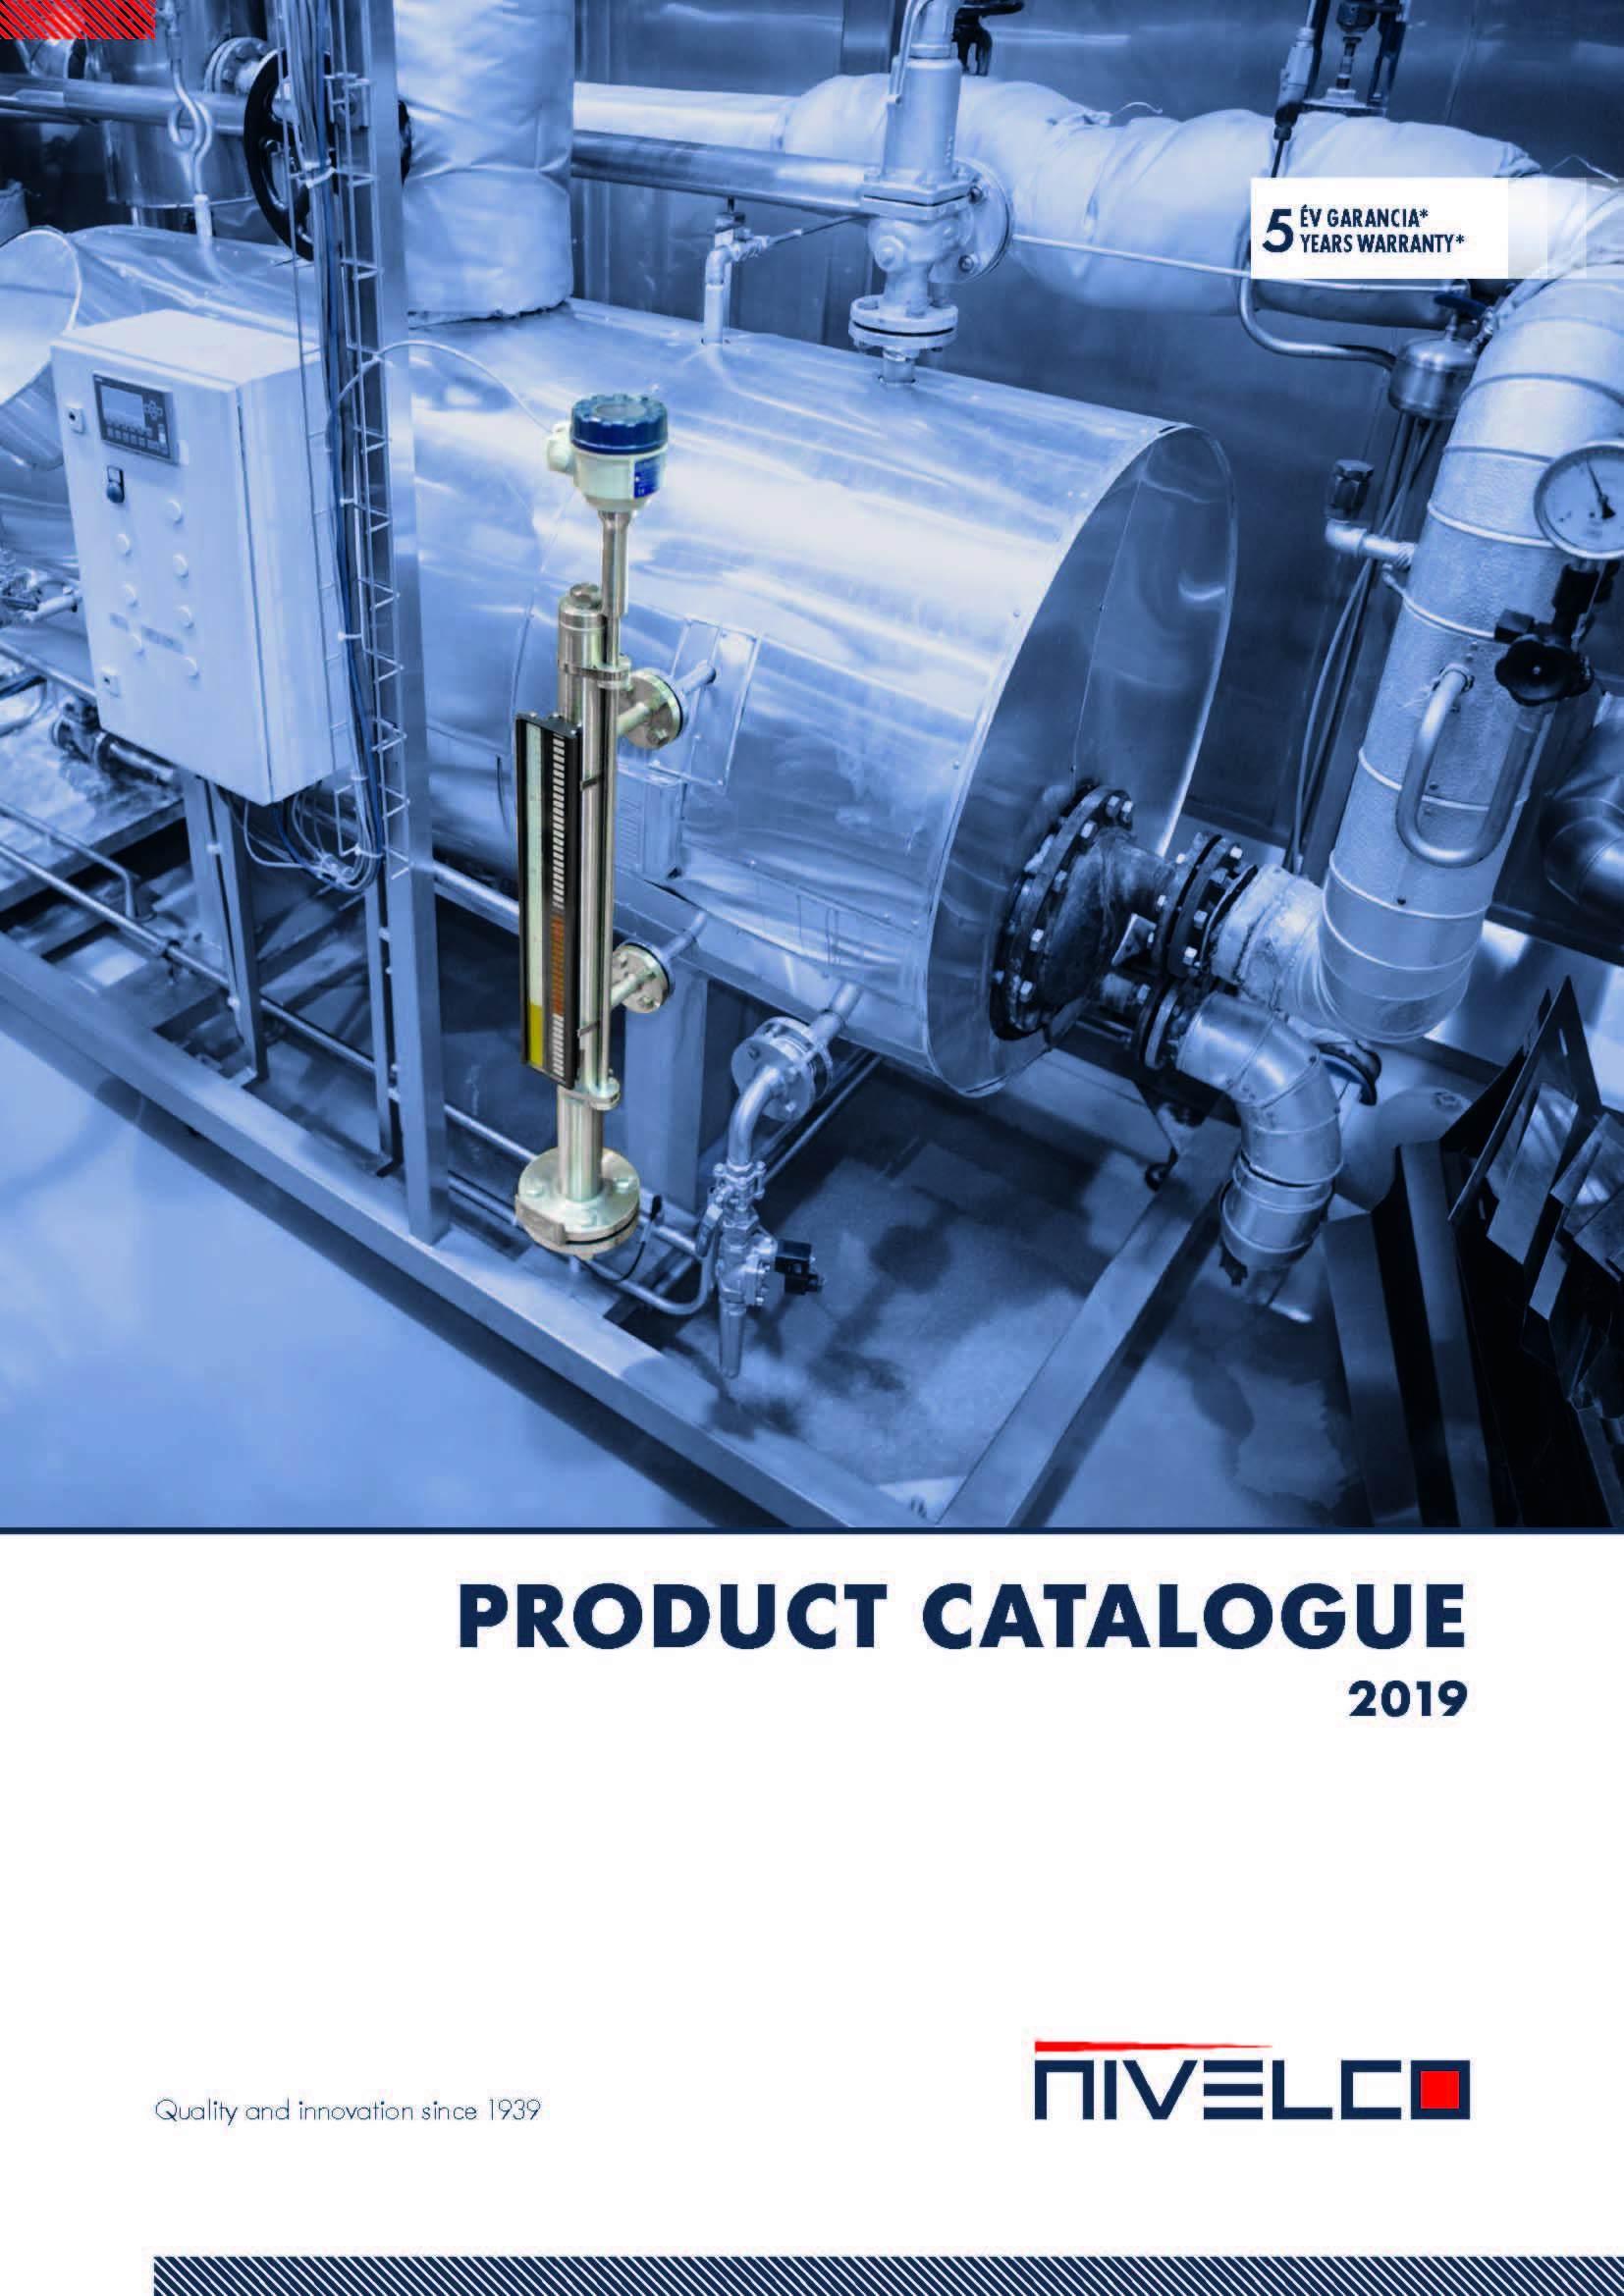 NIVELCO Product Catalogue 2019 Strana 001